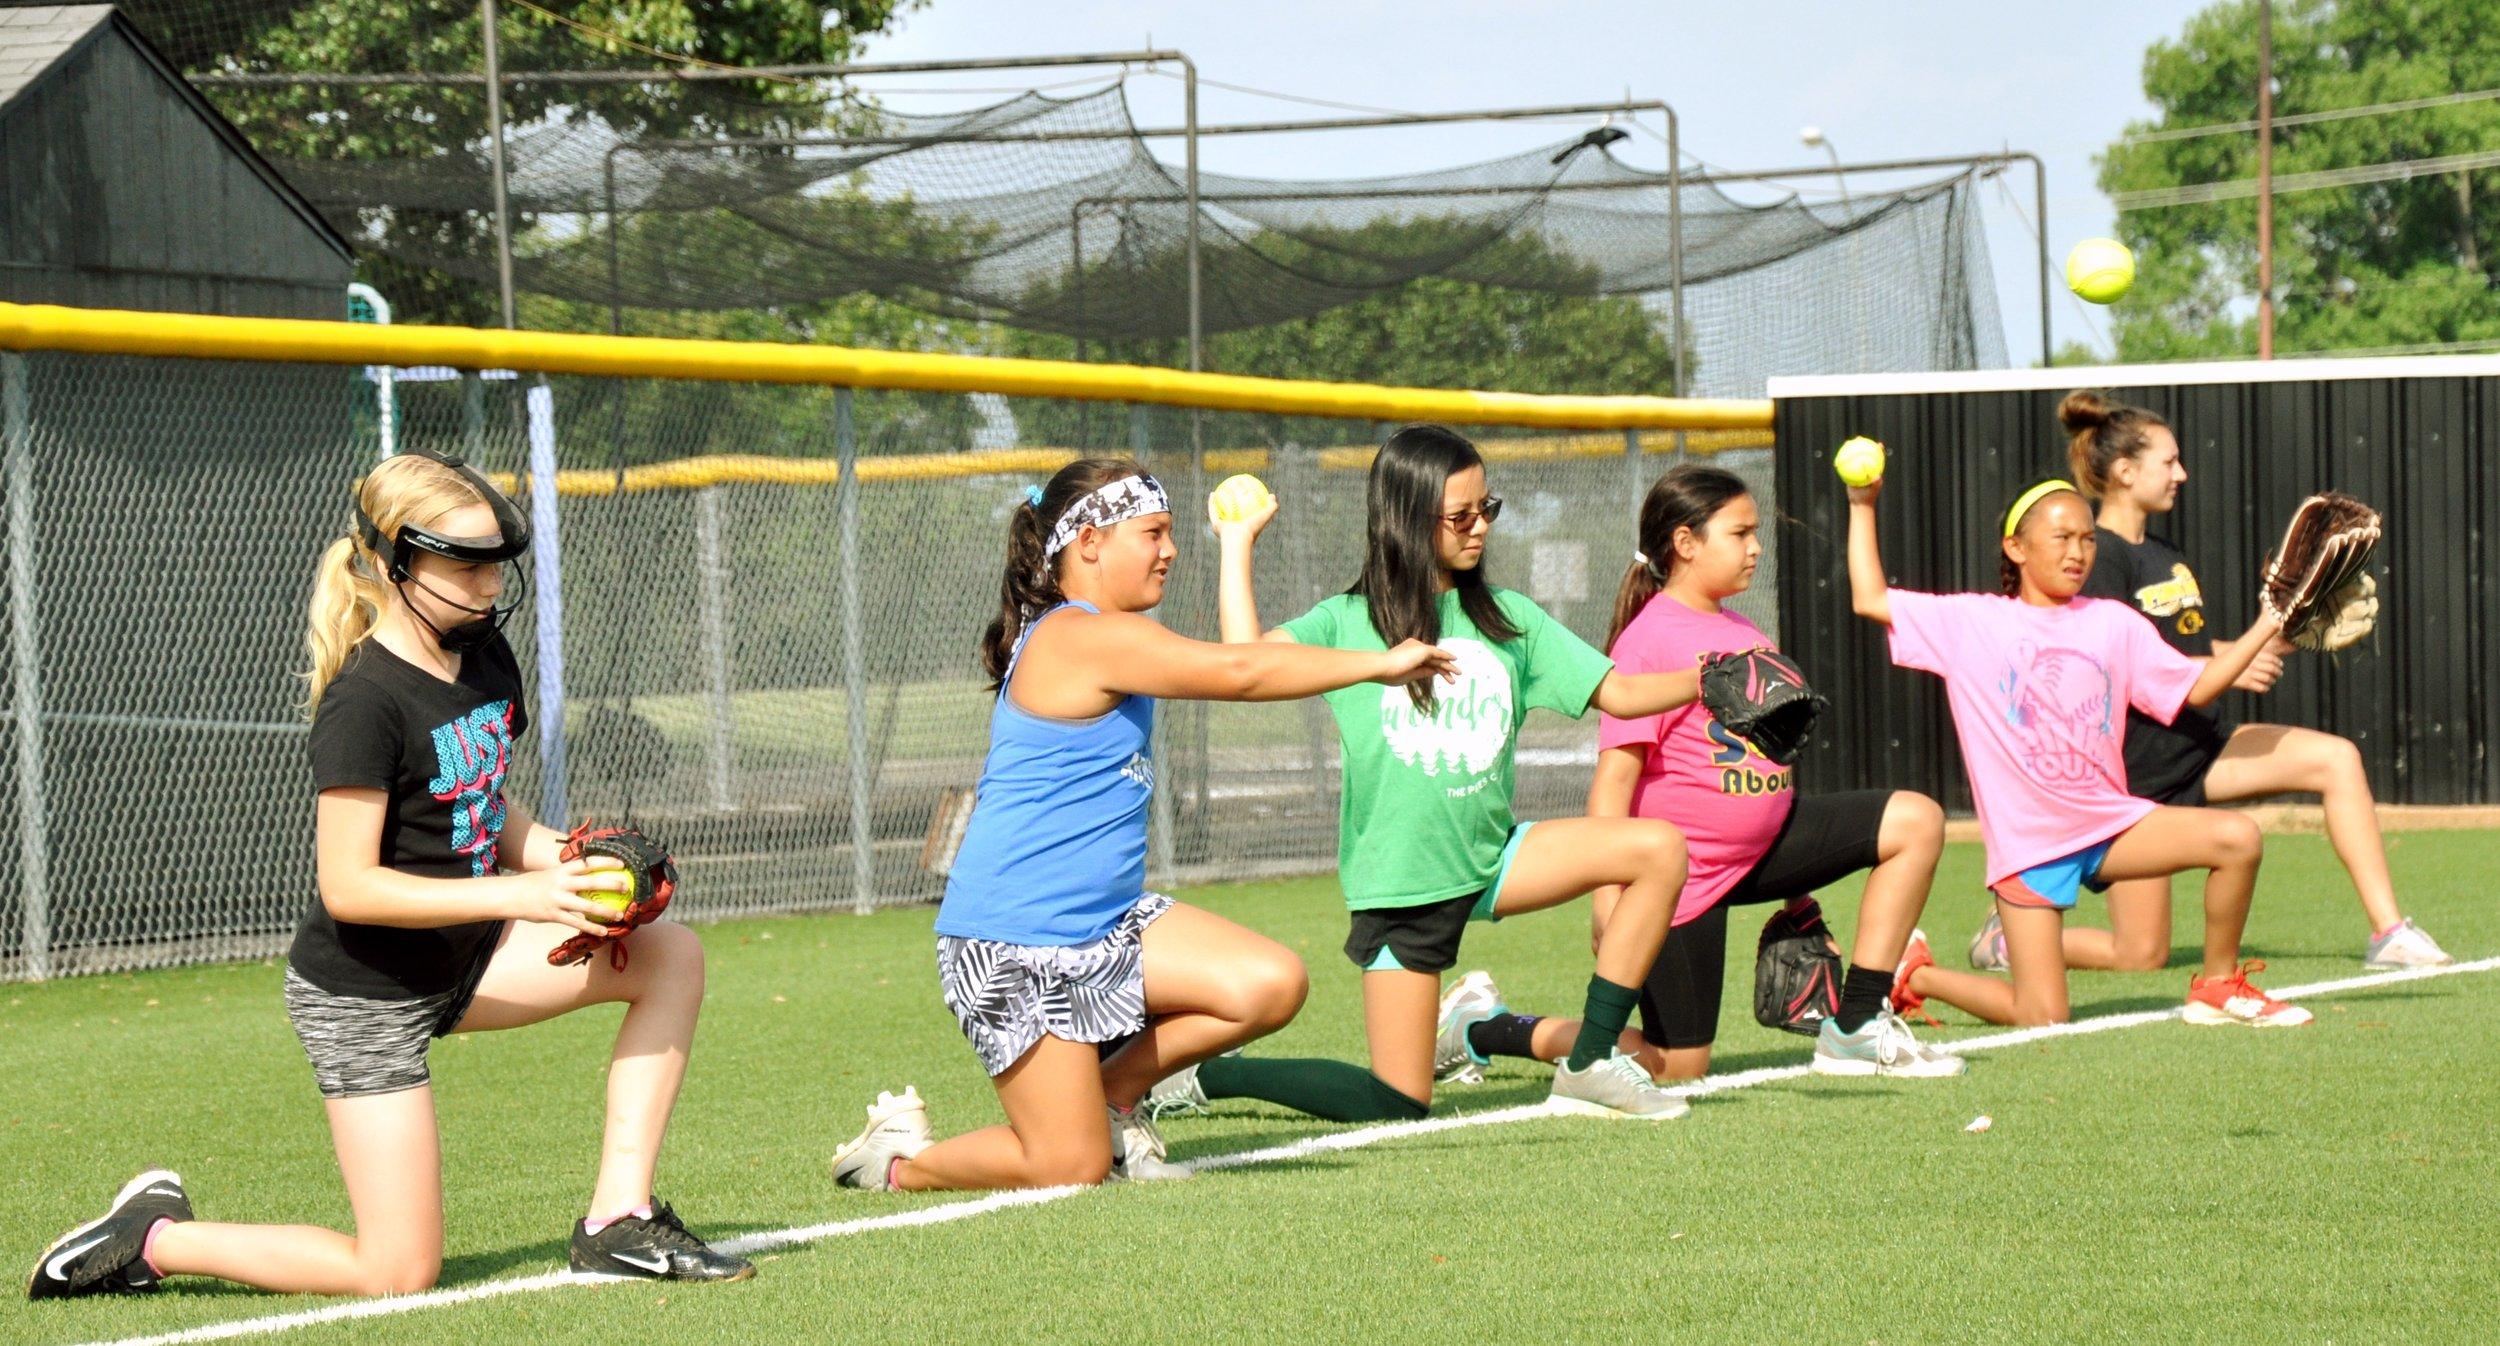 PESH Softball Caption 2.jpg